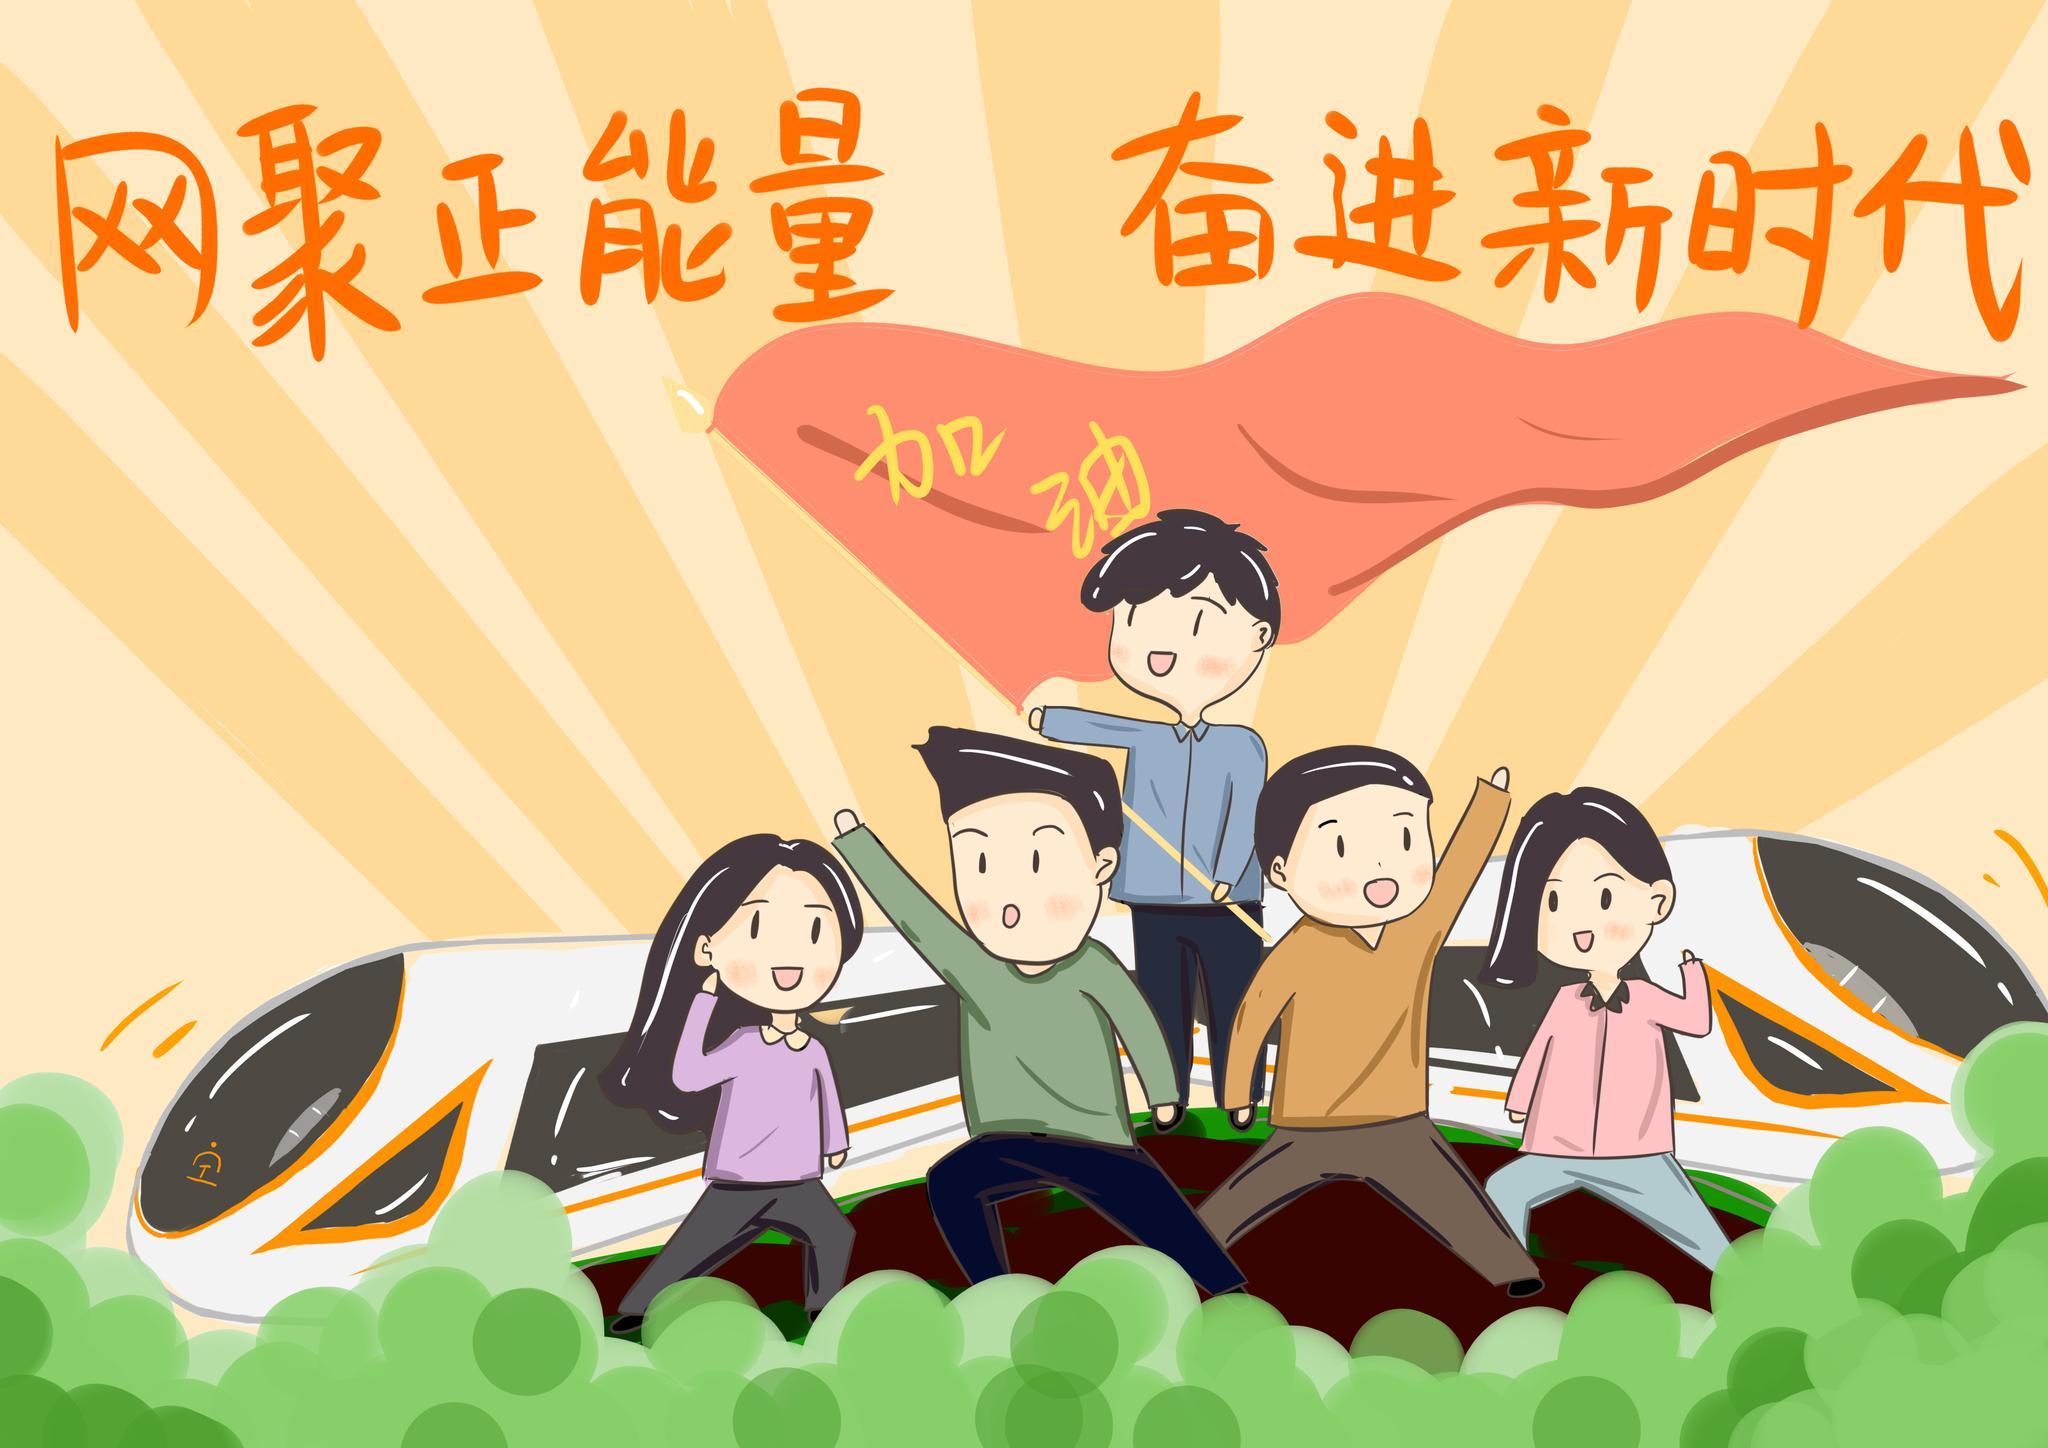 「杏悦娱乐」凝聚建设网络杏悦娱乐强国的强图片